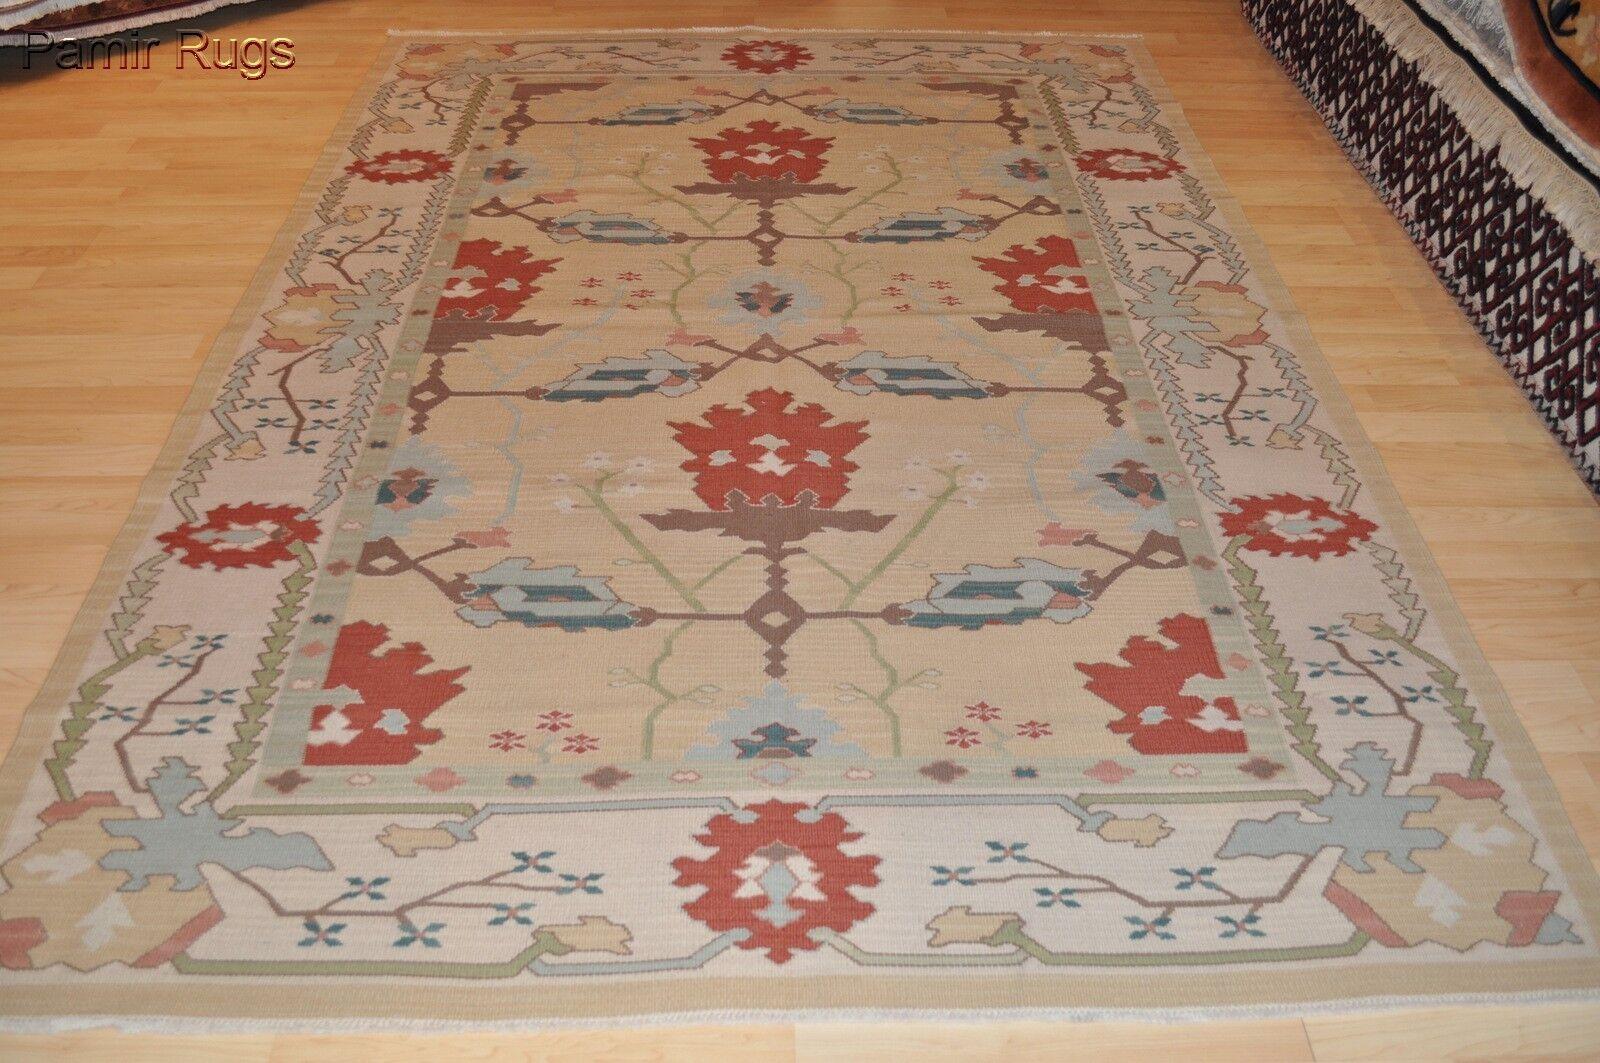 6x9 Ft Handmade Hand Woven Flat Woven Kilim Oushak Design